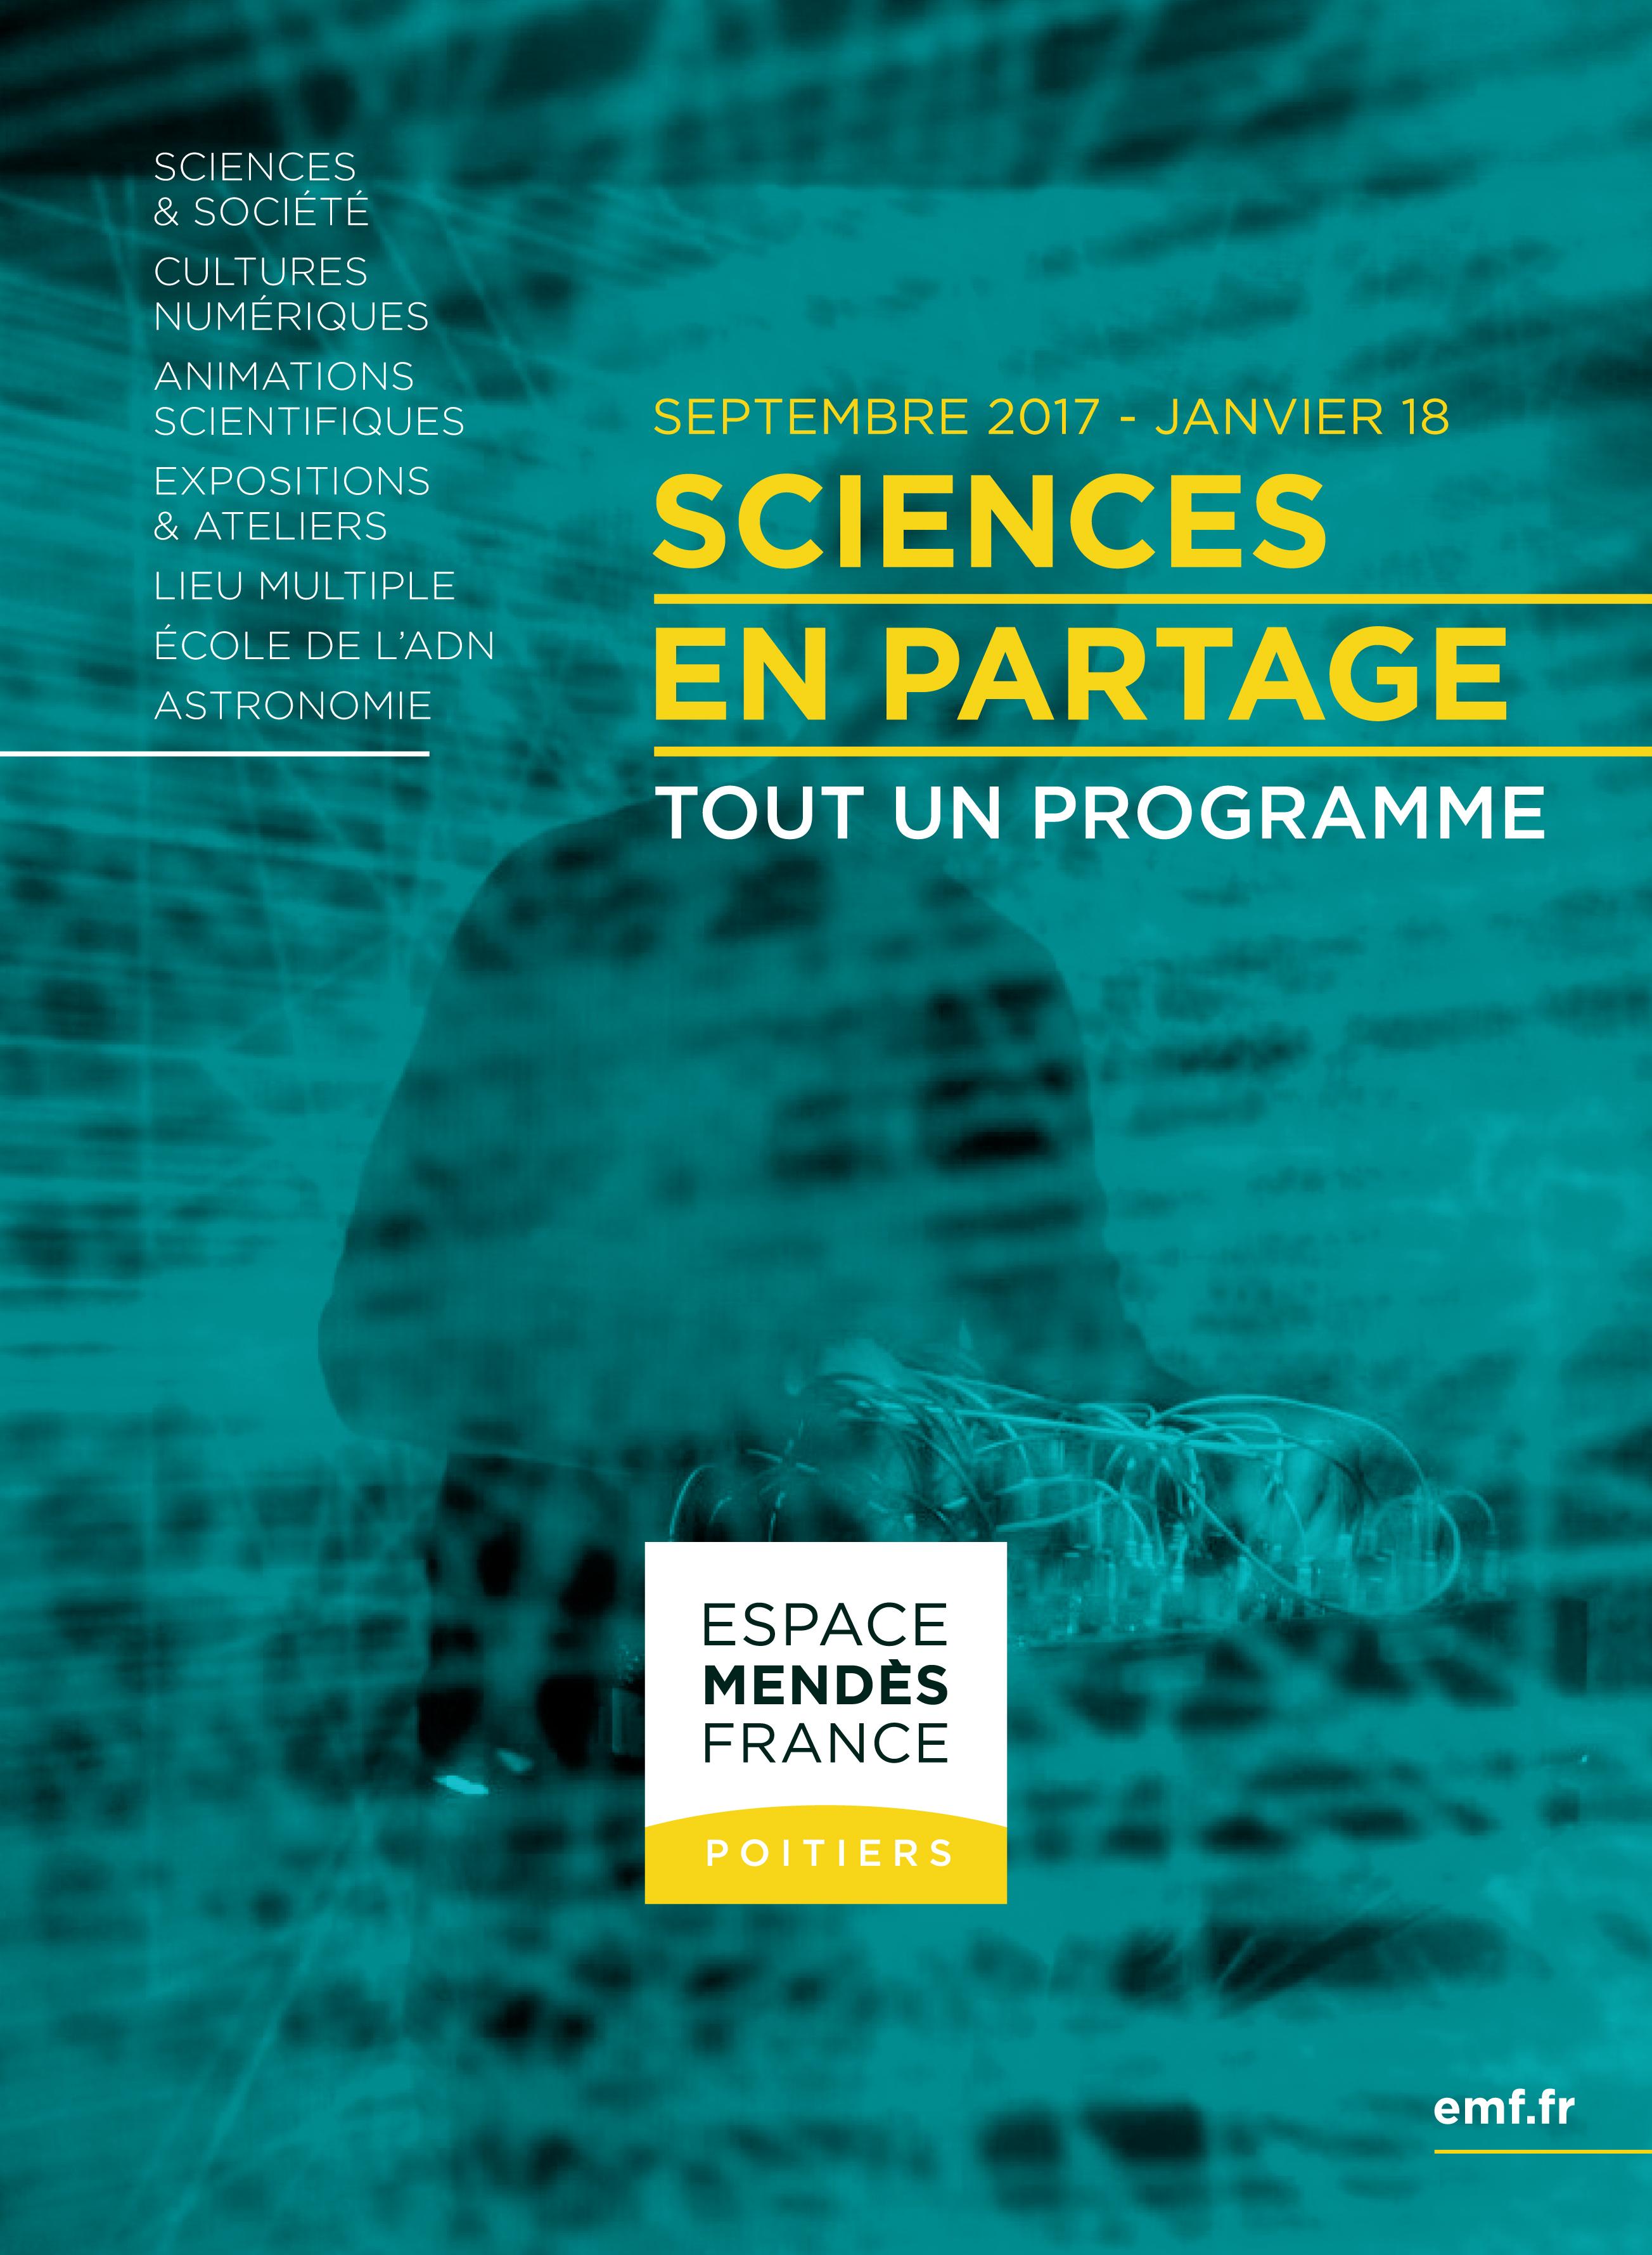 Programme de l'Espace Mendès France septembre 2017